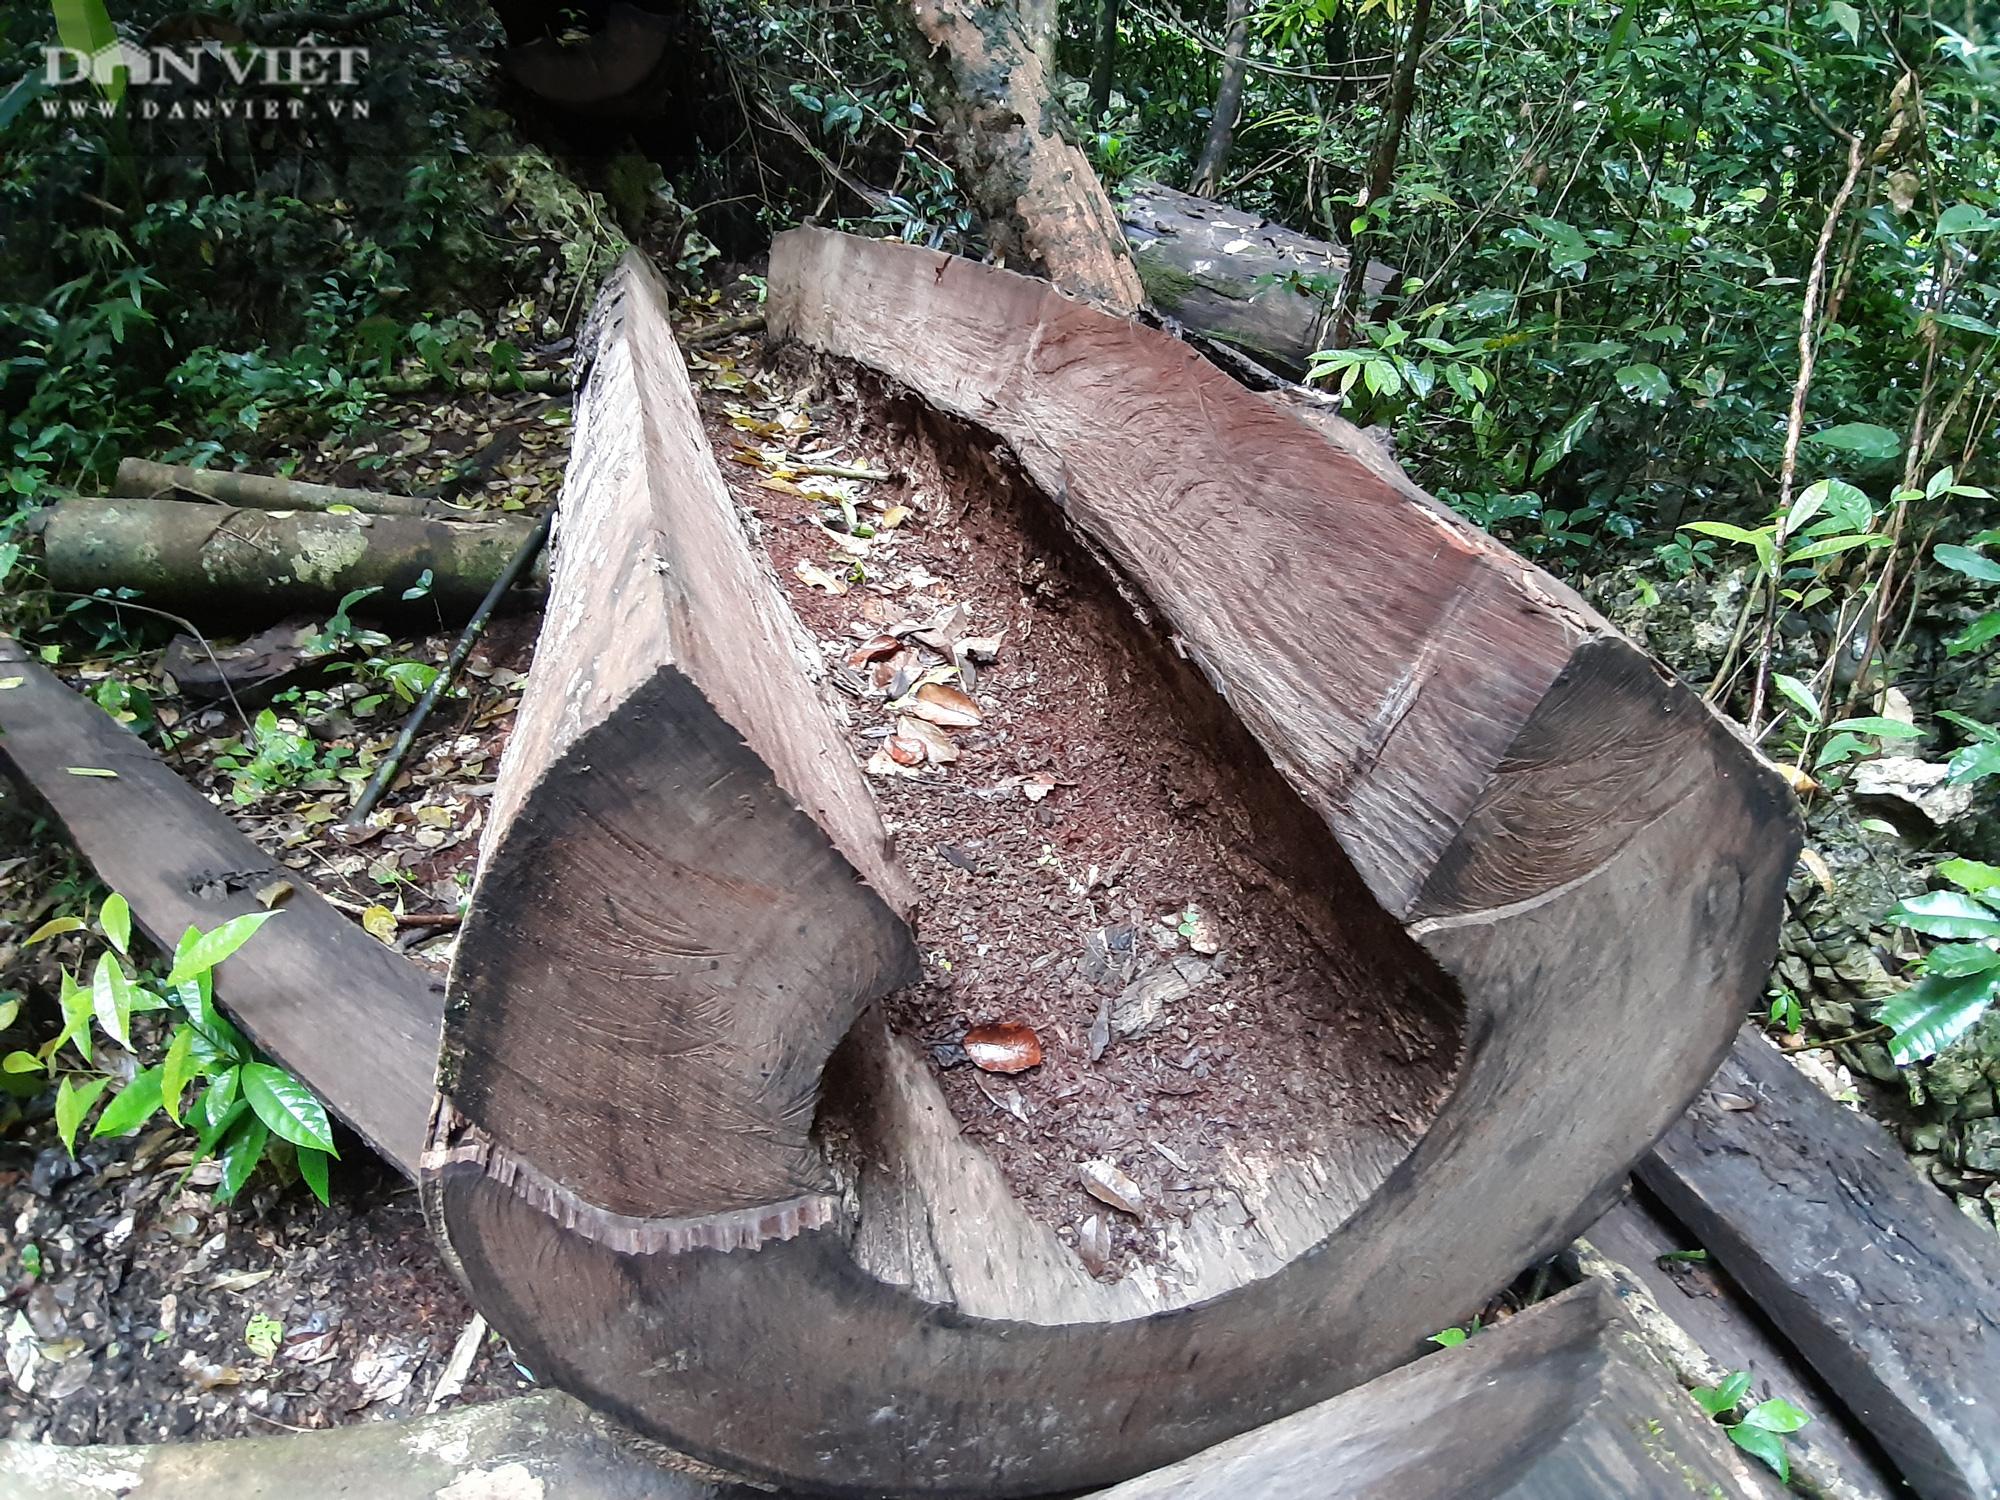 Lời man trá trong các rừng nghiến khổng lồ: Tận mục những cánh rừng tàn sát! - Ảnh 5.